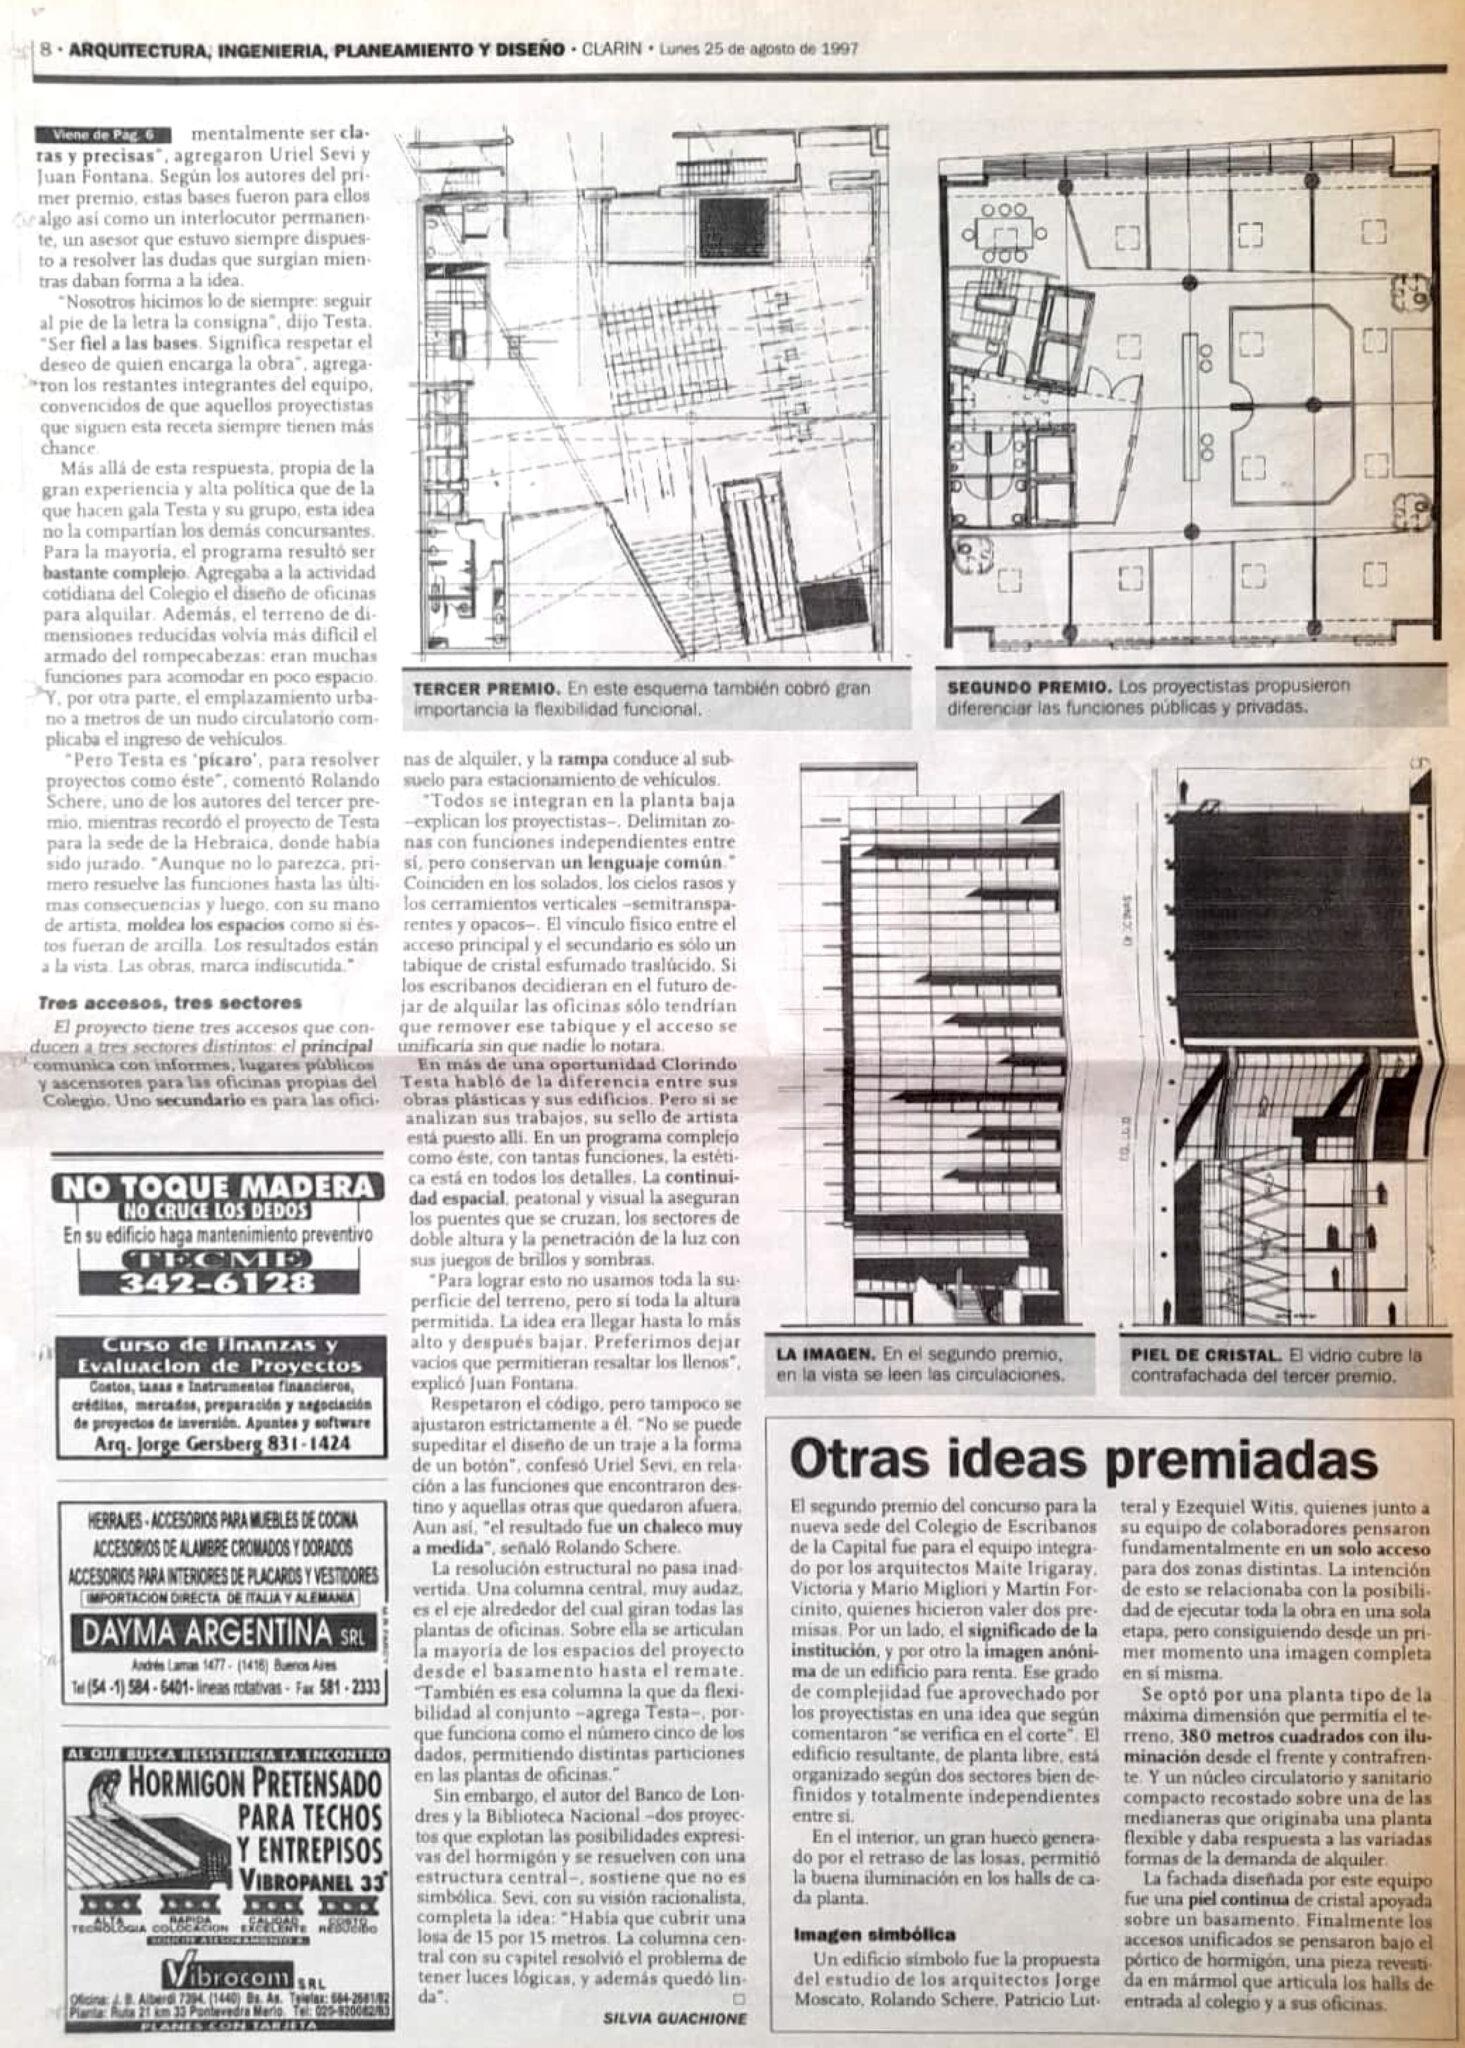 Colegio de Escribanos en Clarín